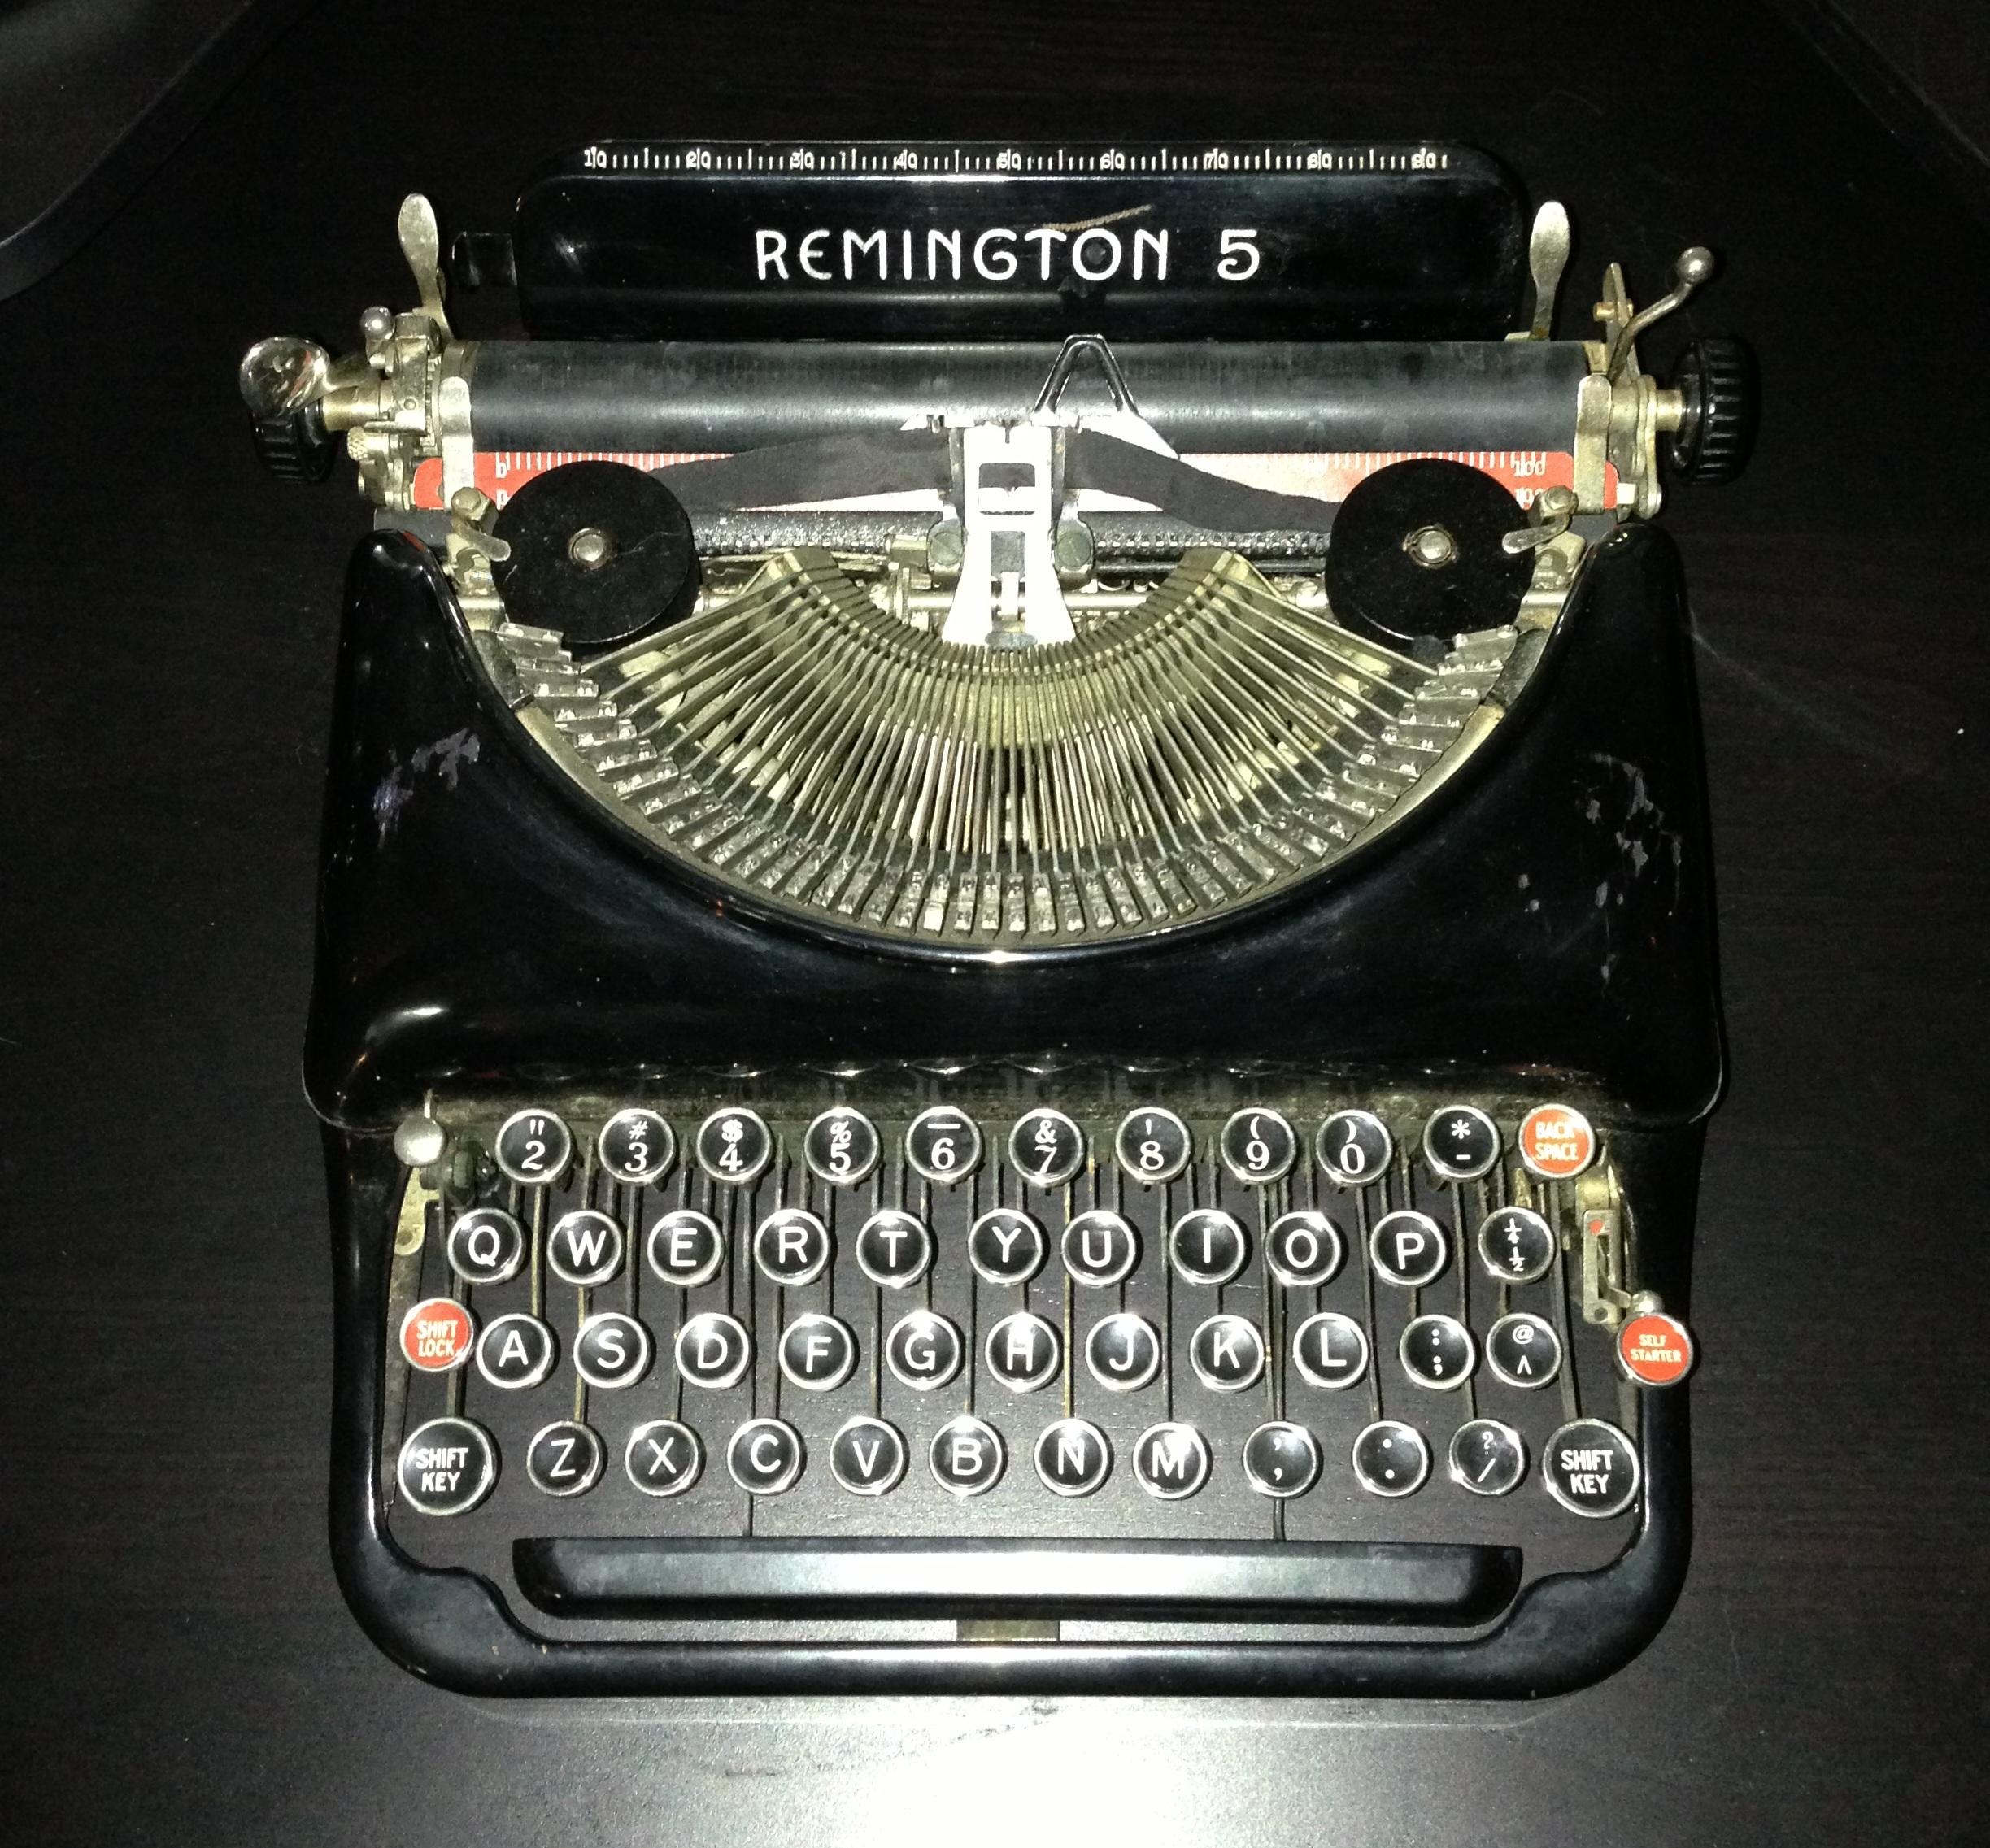 Remington 5